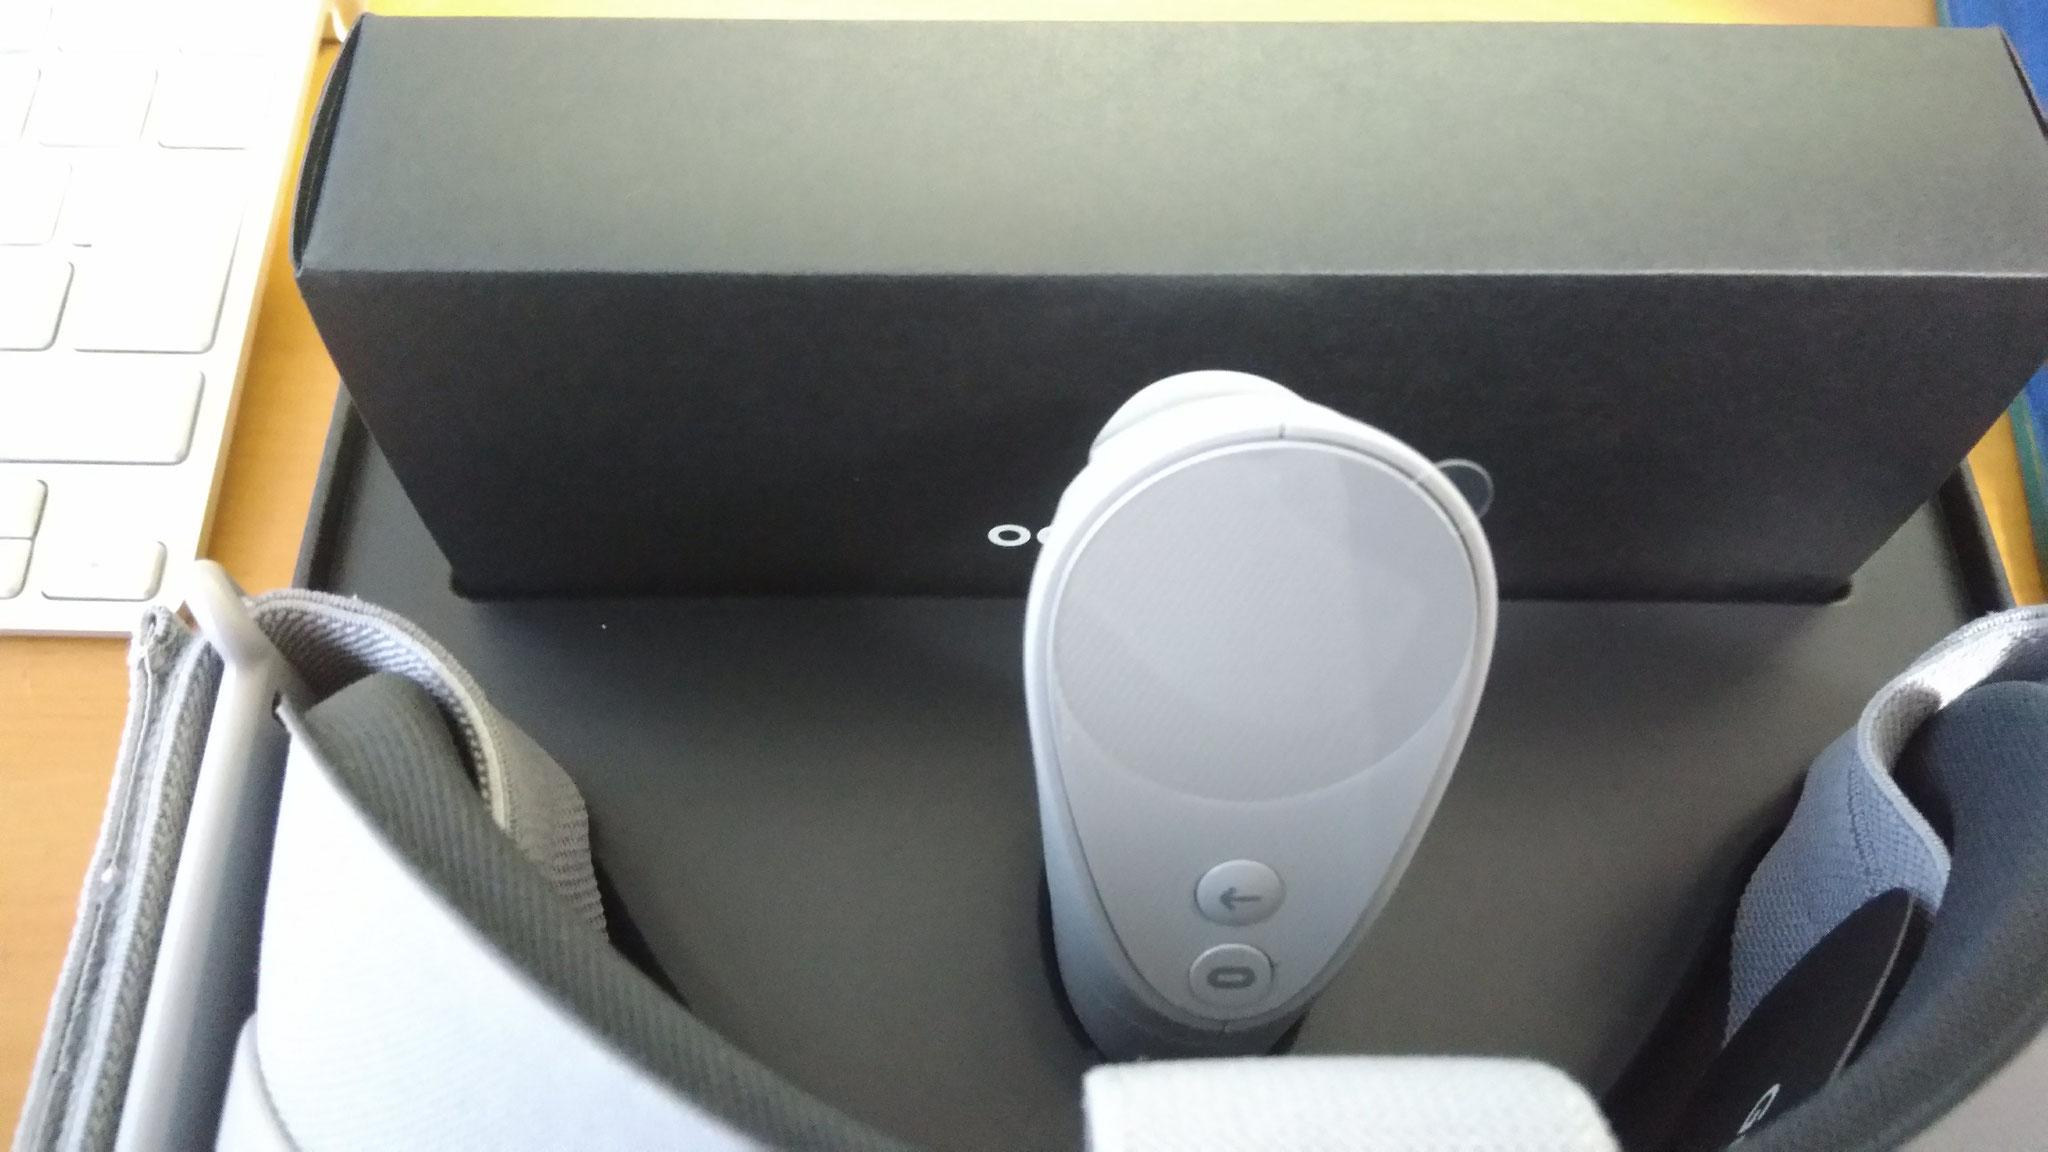 これがコントローラーです。本体、コントローラーともにプラスティック製ですが、結構質感は高いです。